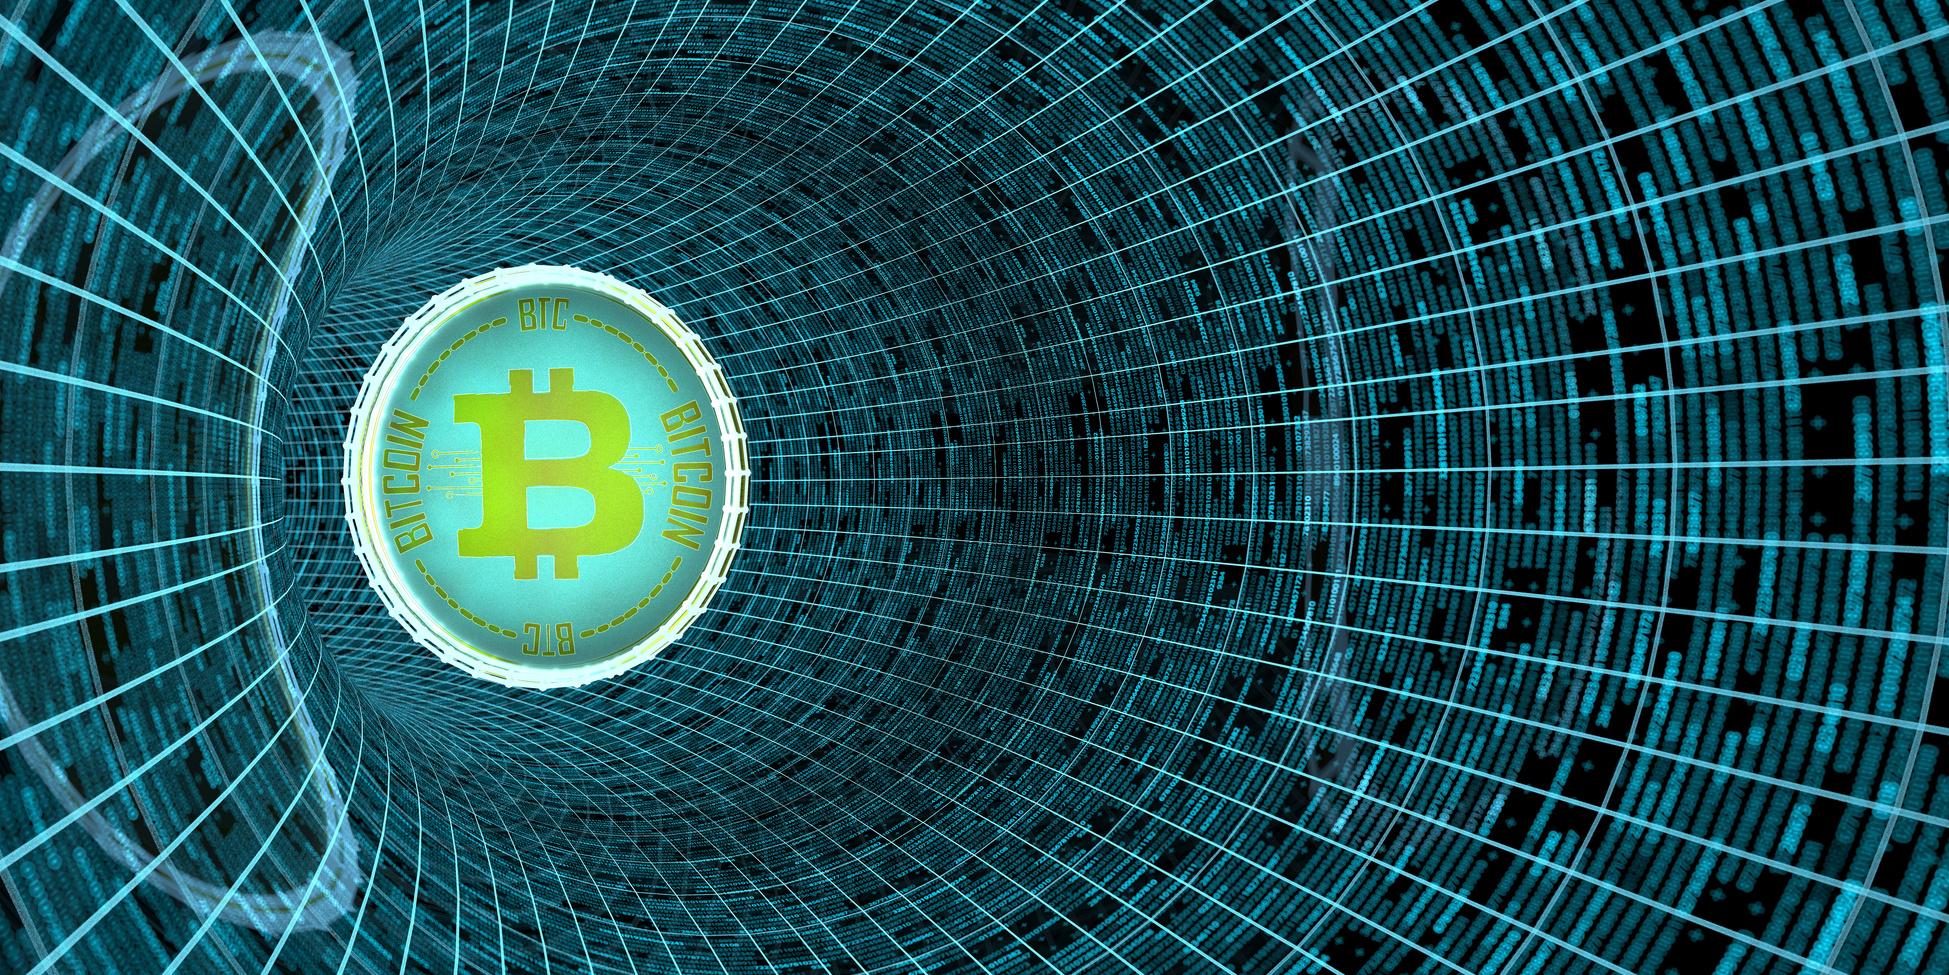 【仮想通貨・ブロック チェーン関連銘柄】ビットコイン高騰中。仮想通貨の今後へ投資で一攫千金?